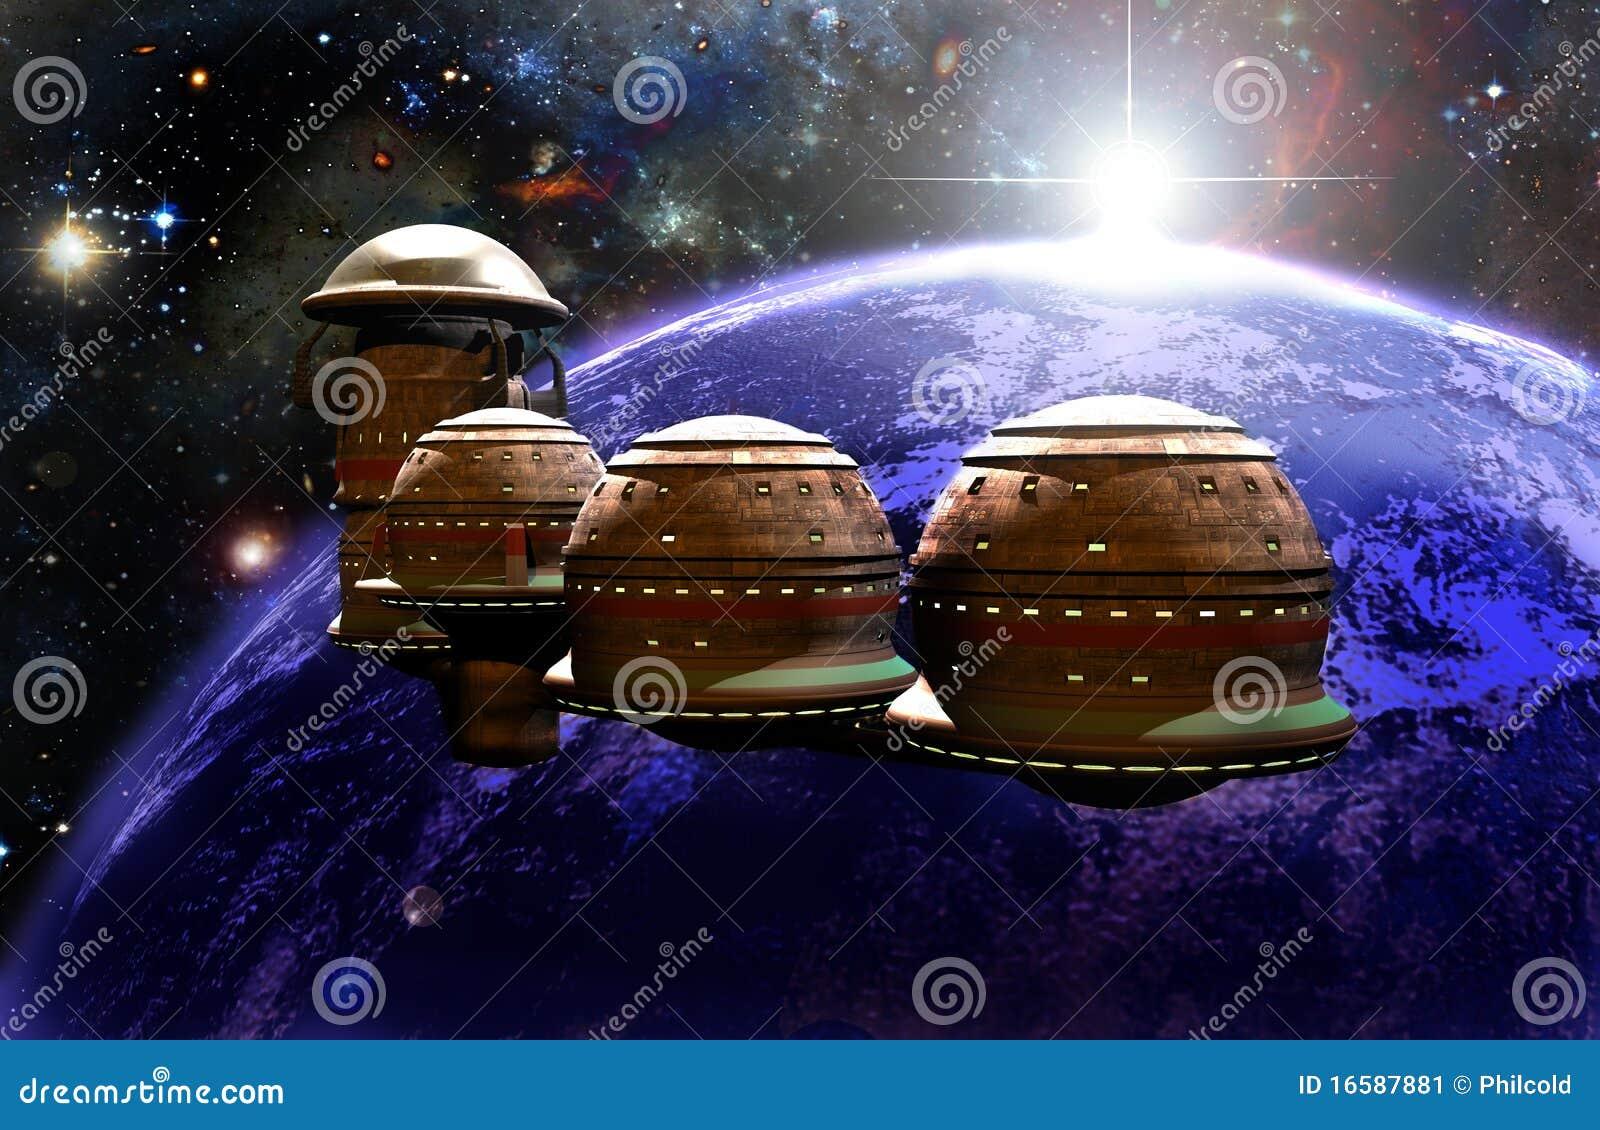 Futurist ISS